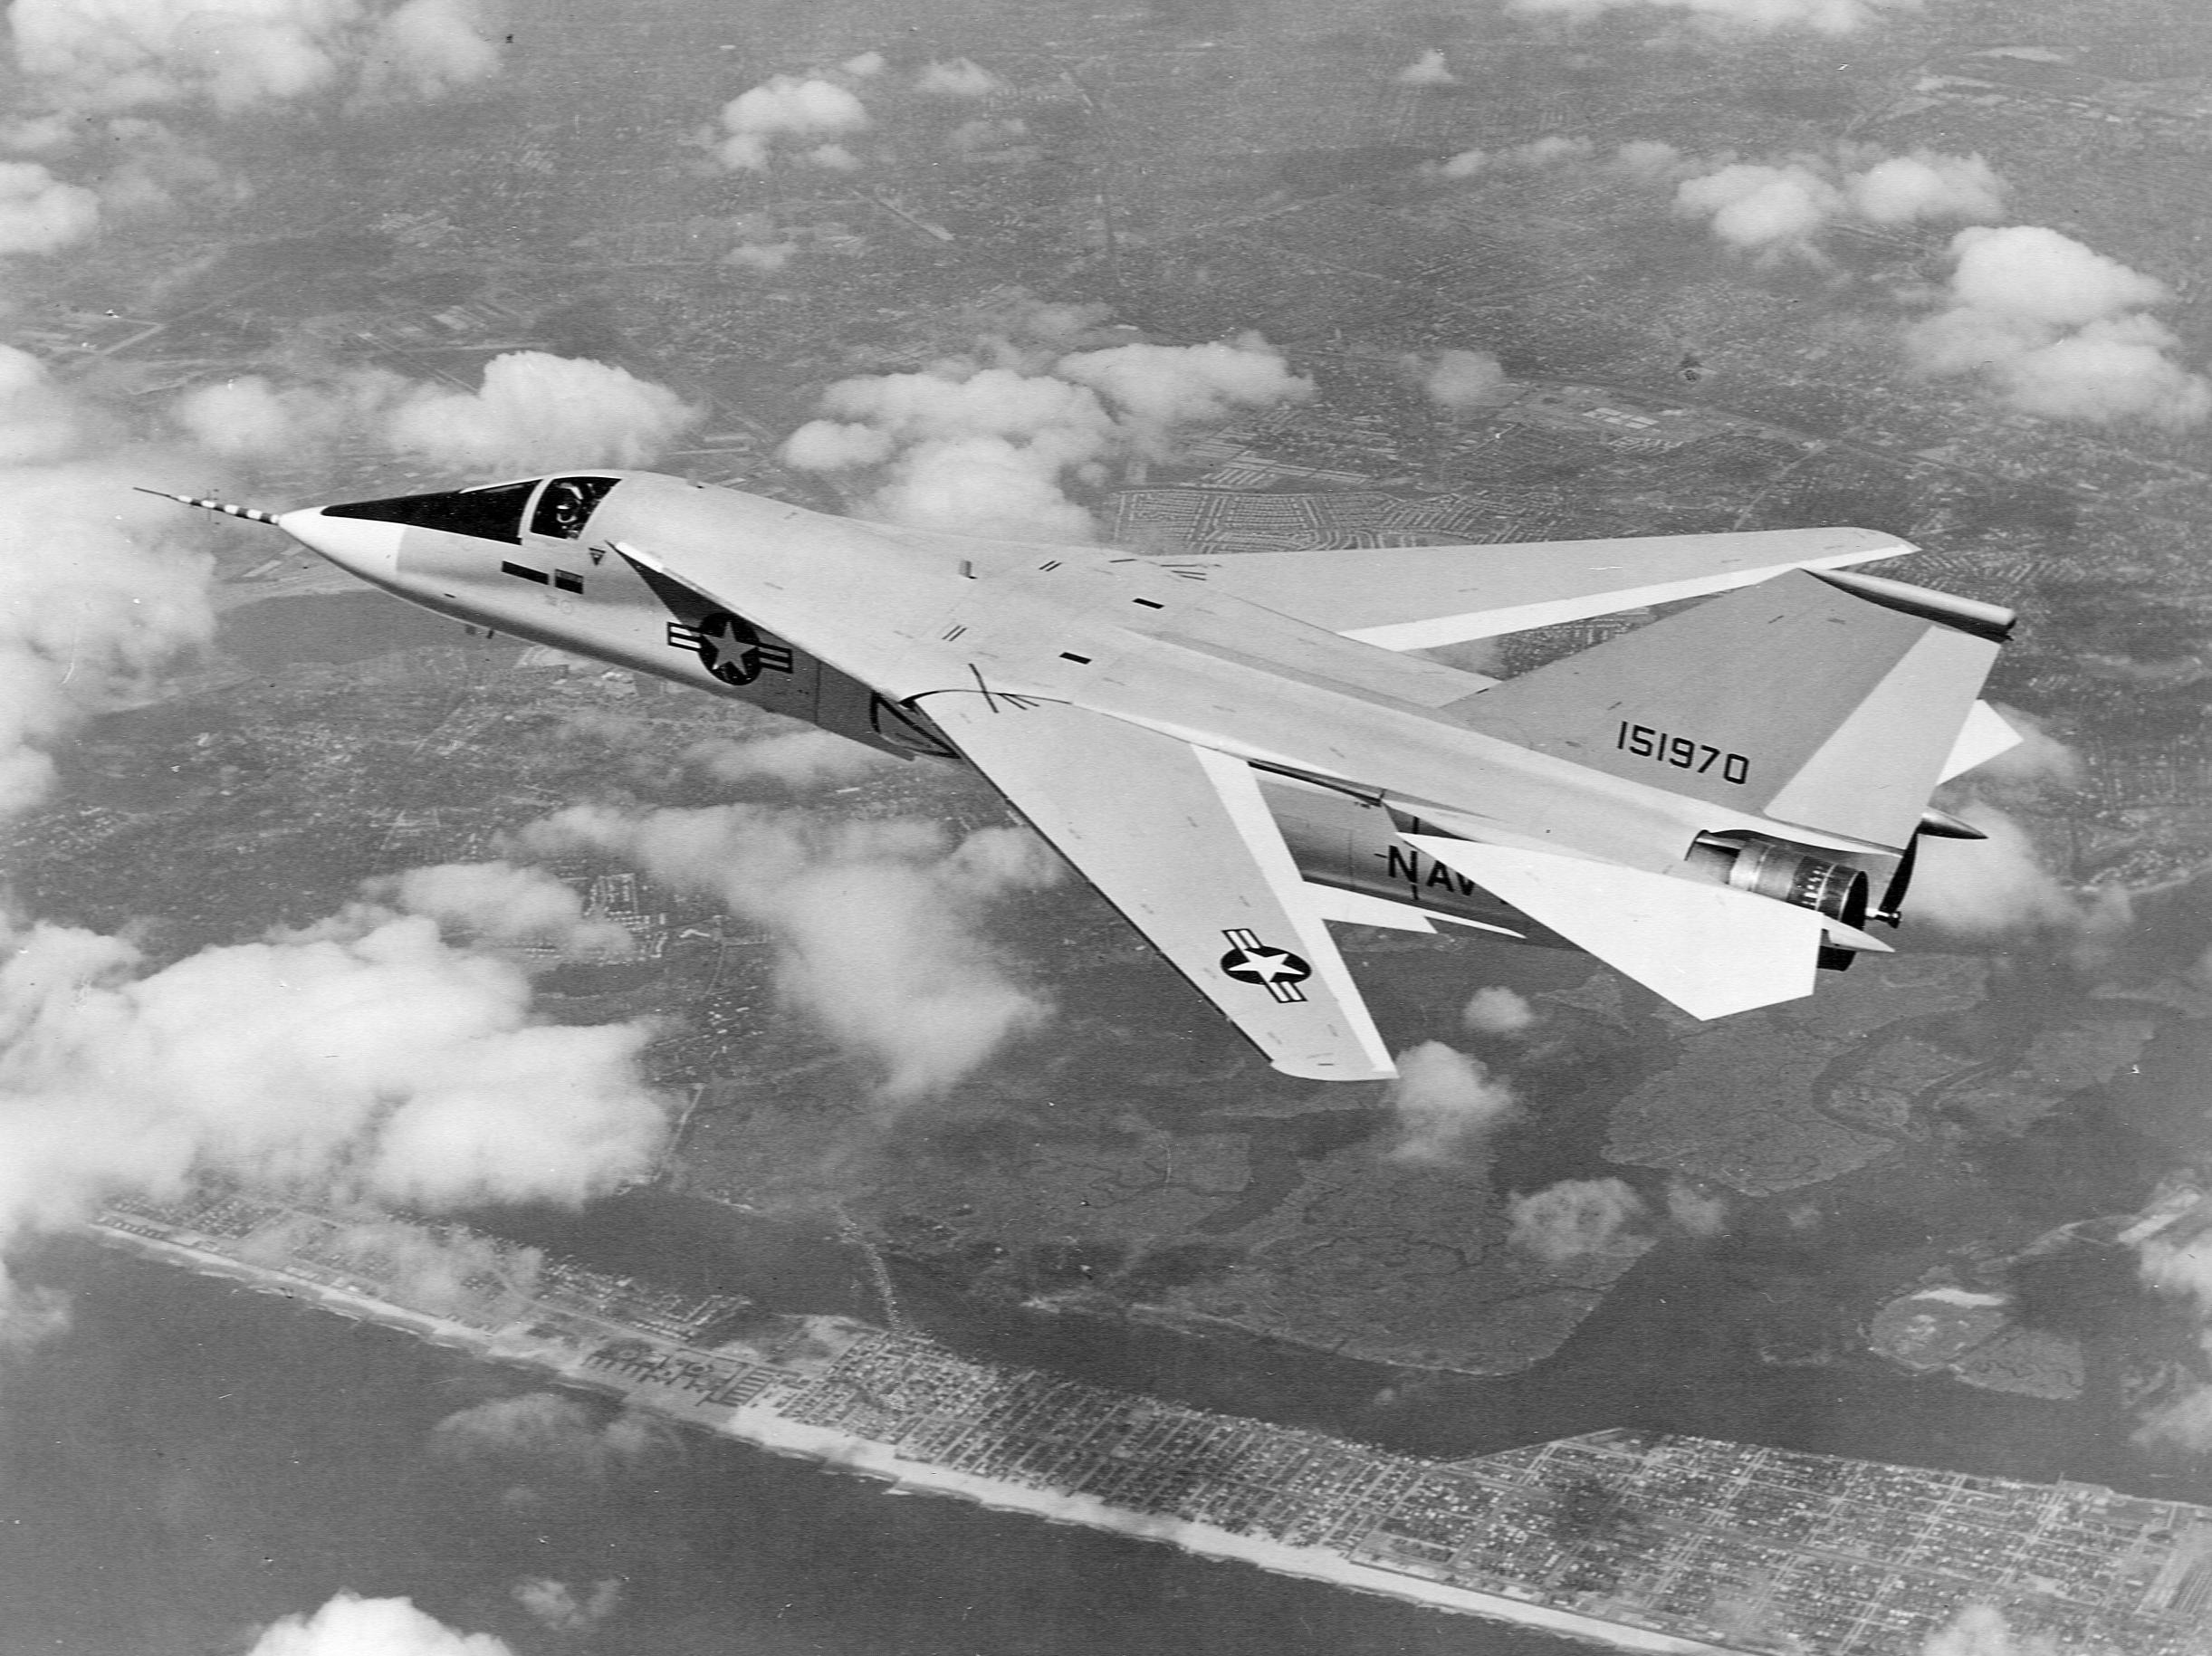 F 111 (航空機)の画像 p1_40